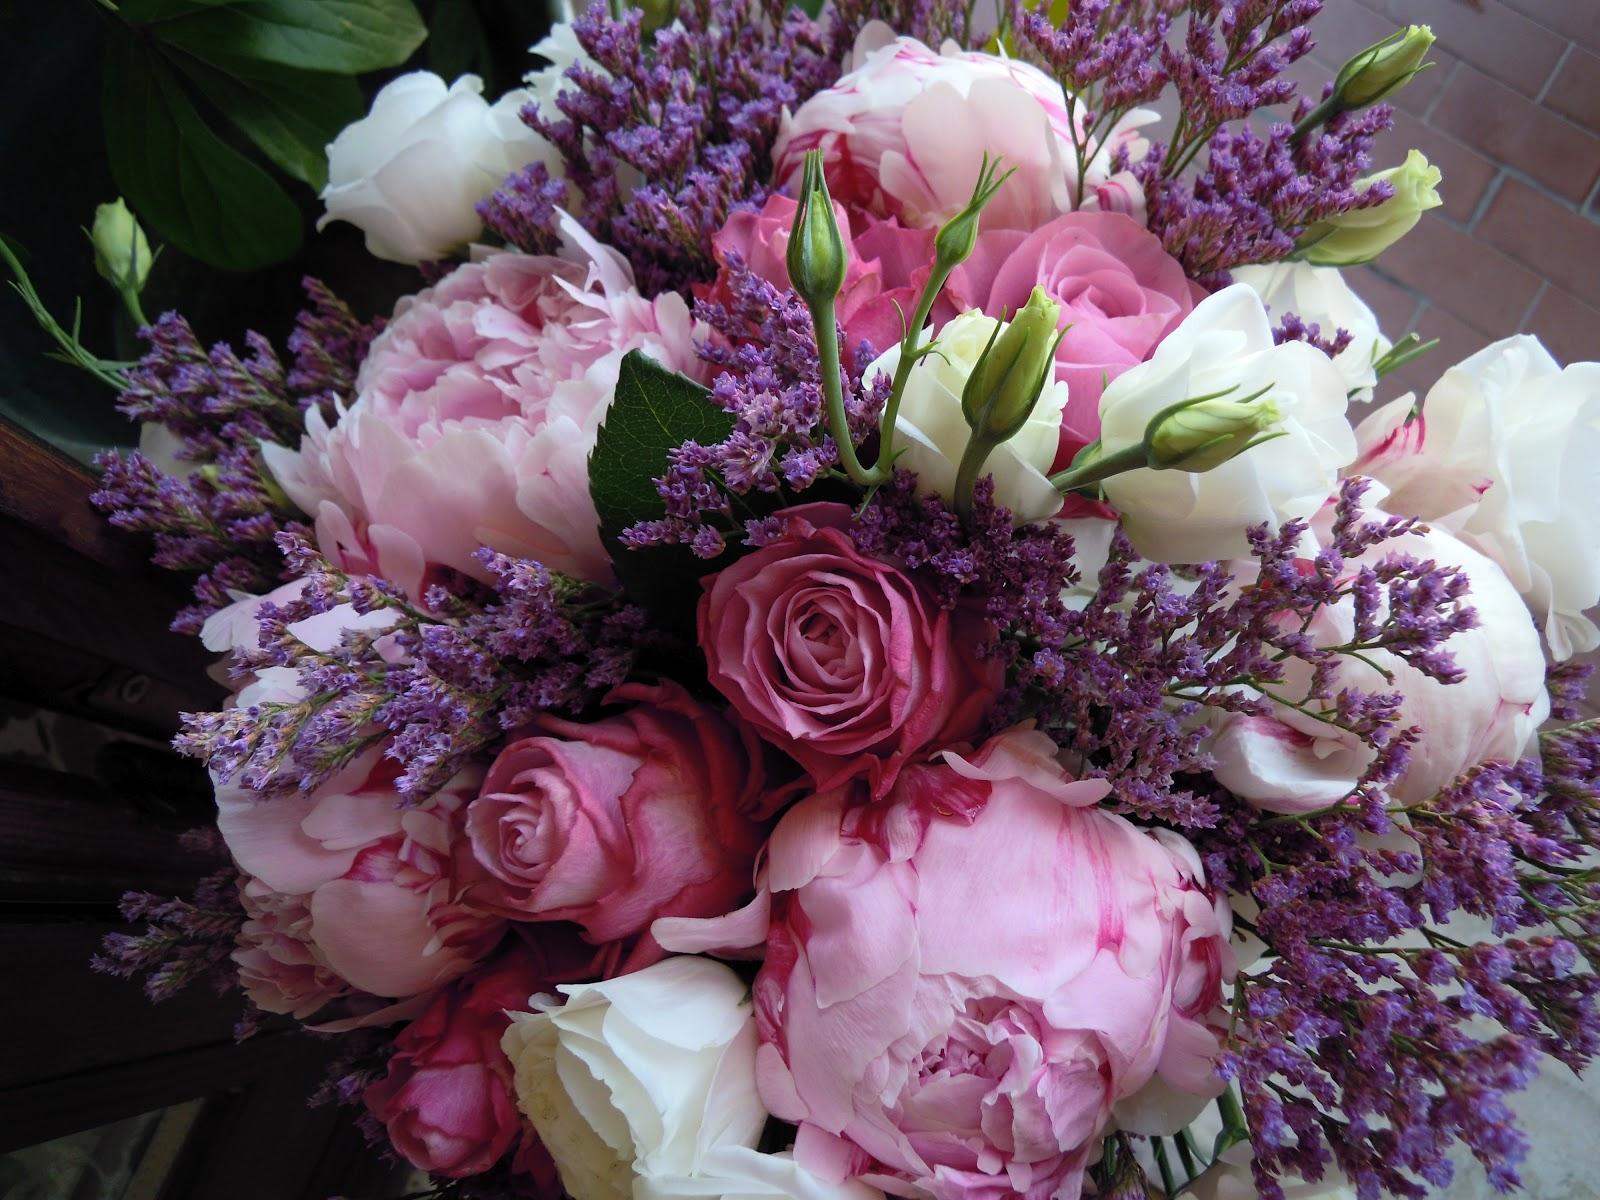 Fiori Del Mese Di Giugno fiore del mese di giugno: peonia idee bouquet | la bottega